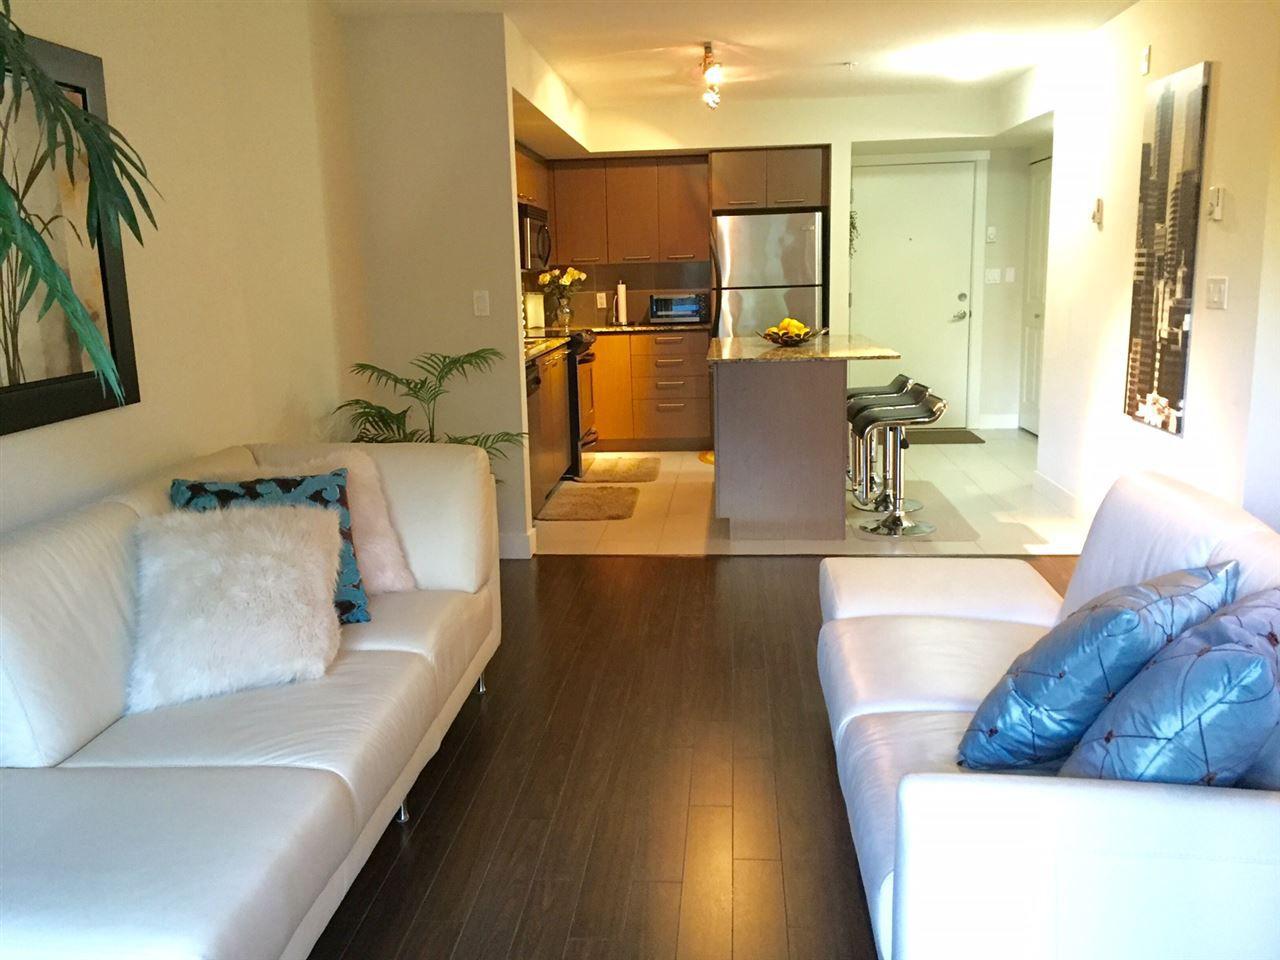 Main Photo: 211 10822 CITY PARKWAY in Surrey: Whalley Condo for sale (North Surrey)  : MLS®# R2102491